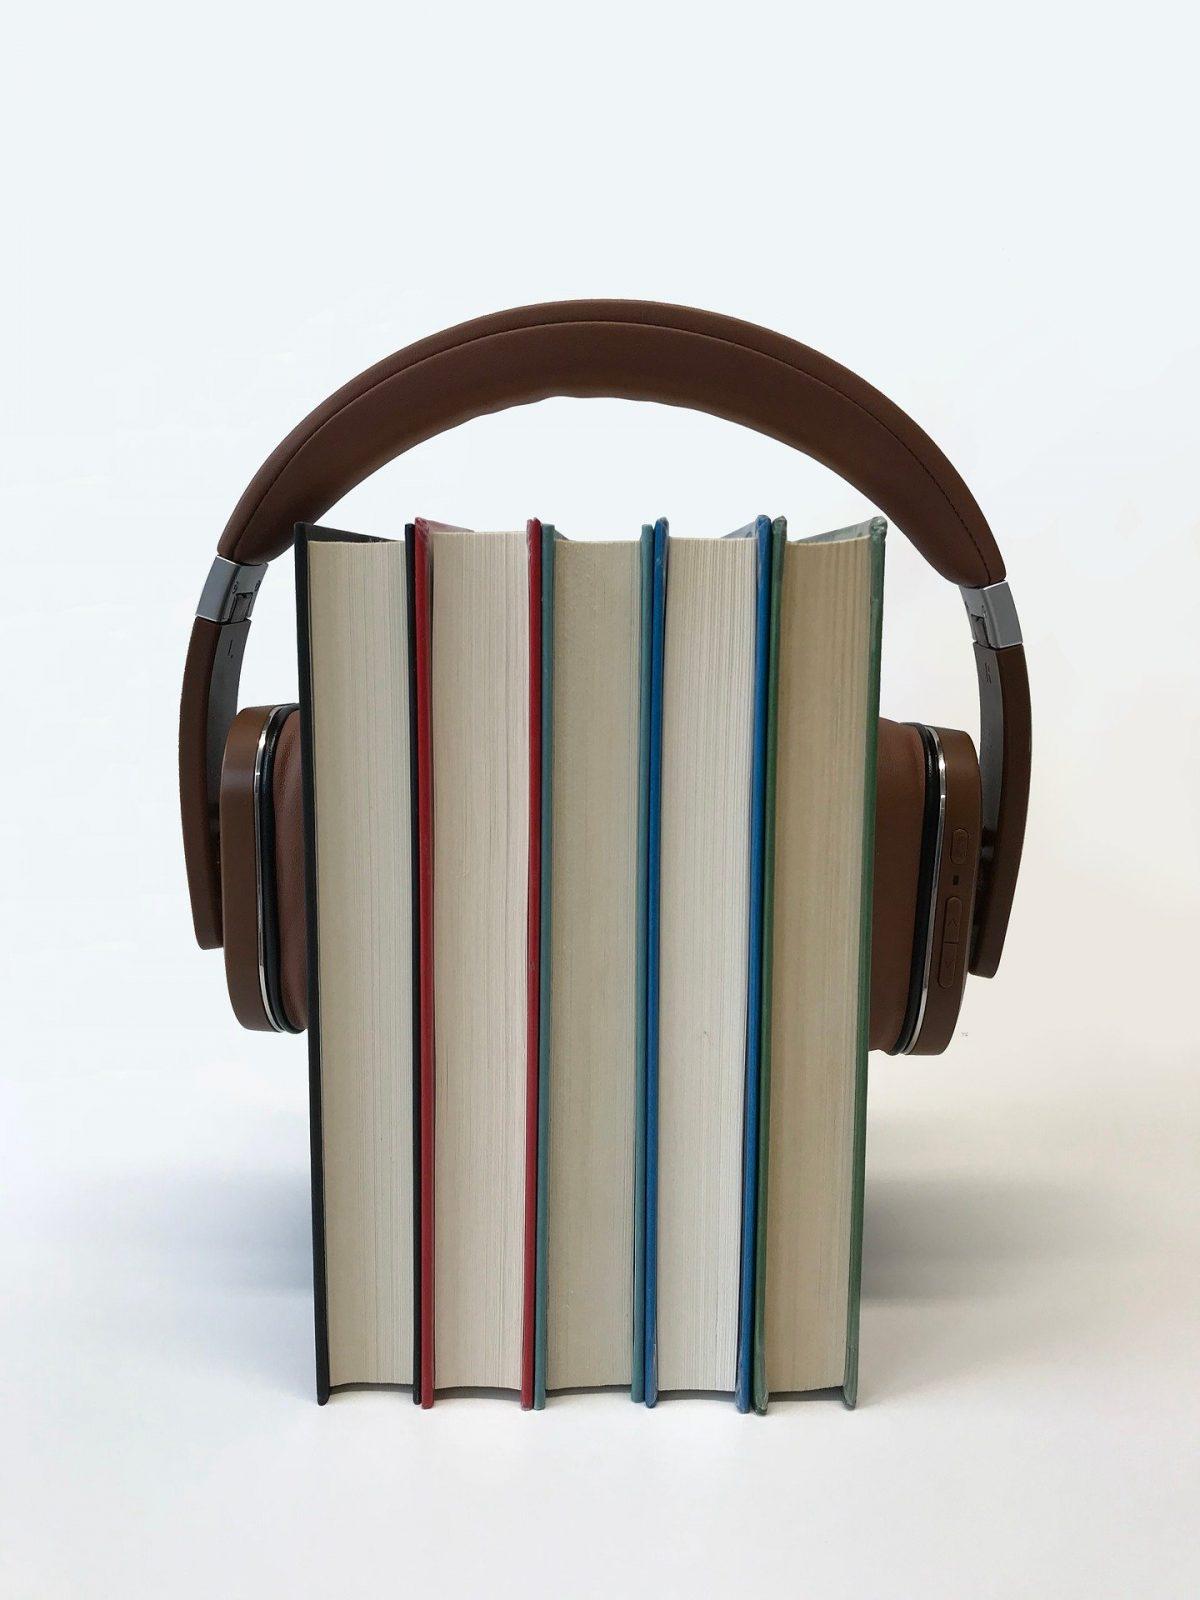 Ein Kopfhörer, der fünf Bücher umfasst